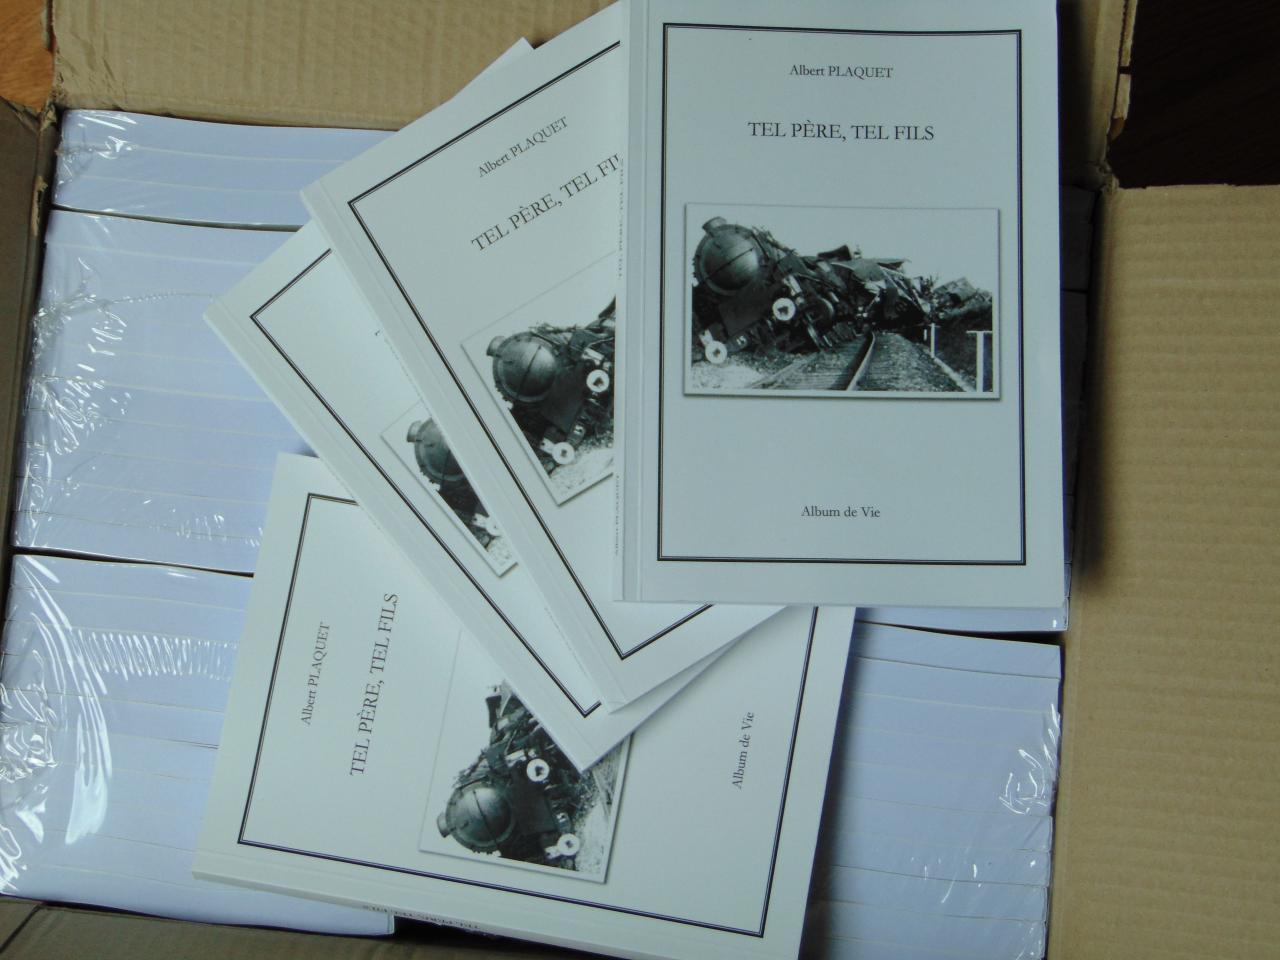 100 exemplaires de Tel père, tel fils